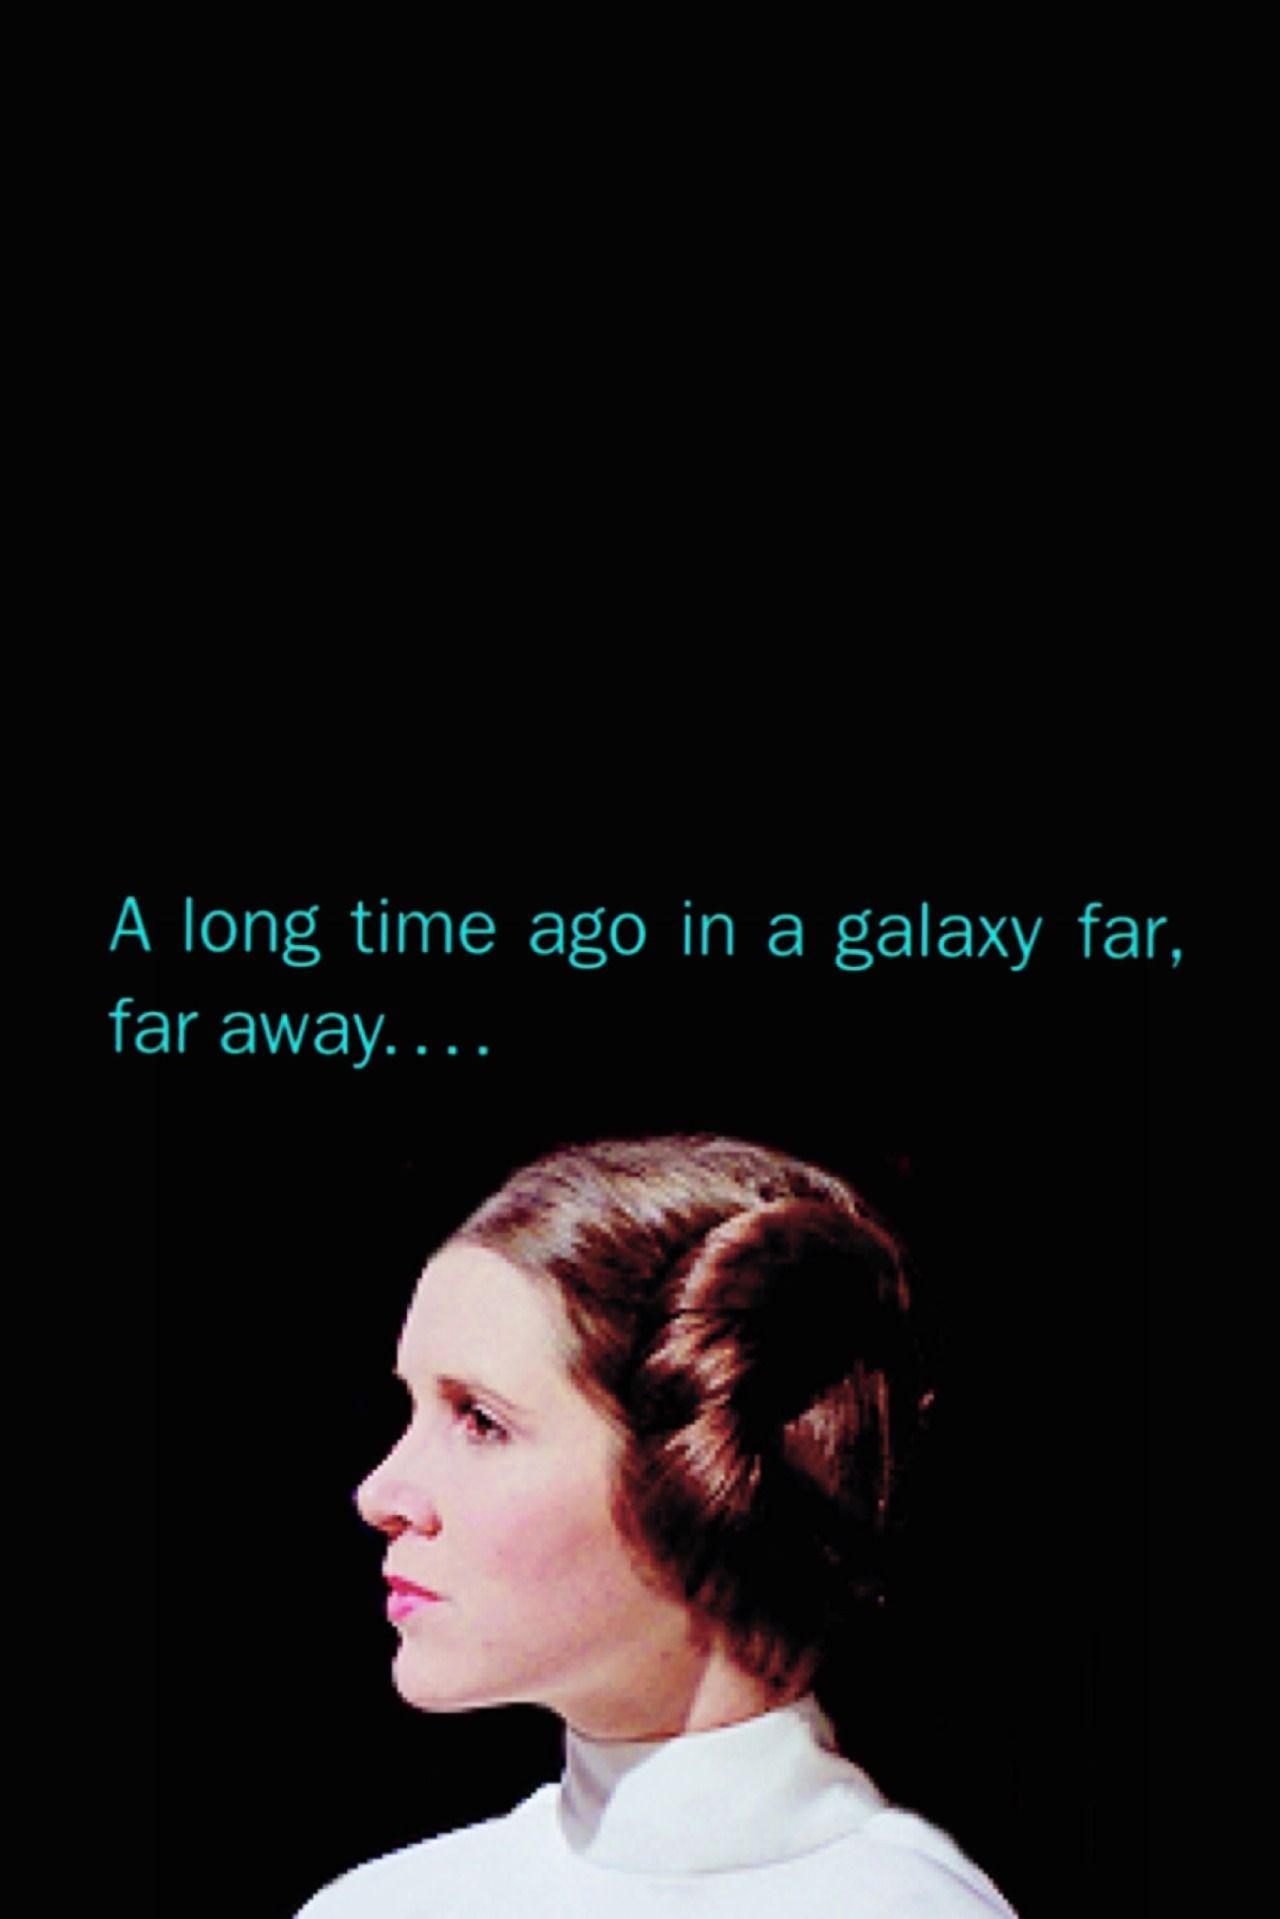 Star Wars Iphone Lockscreens Star Wars Background Star Wars Wallpaper Iphone Star Wars Wallpaper